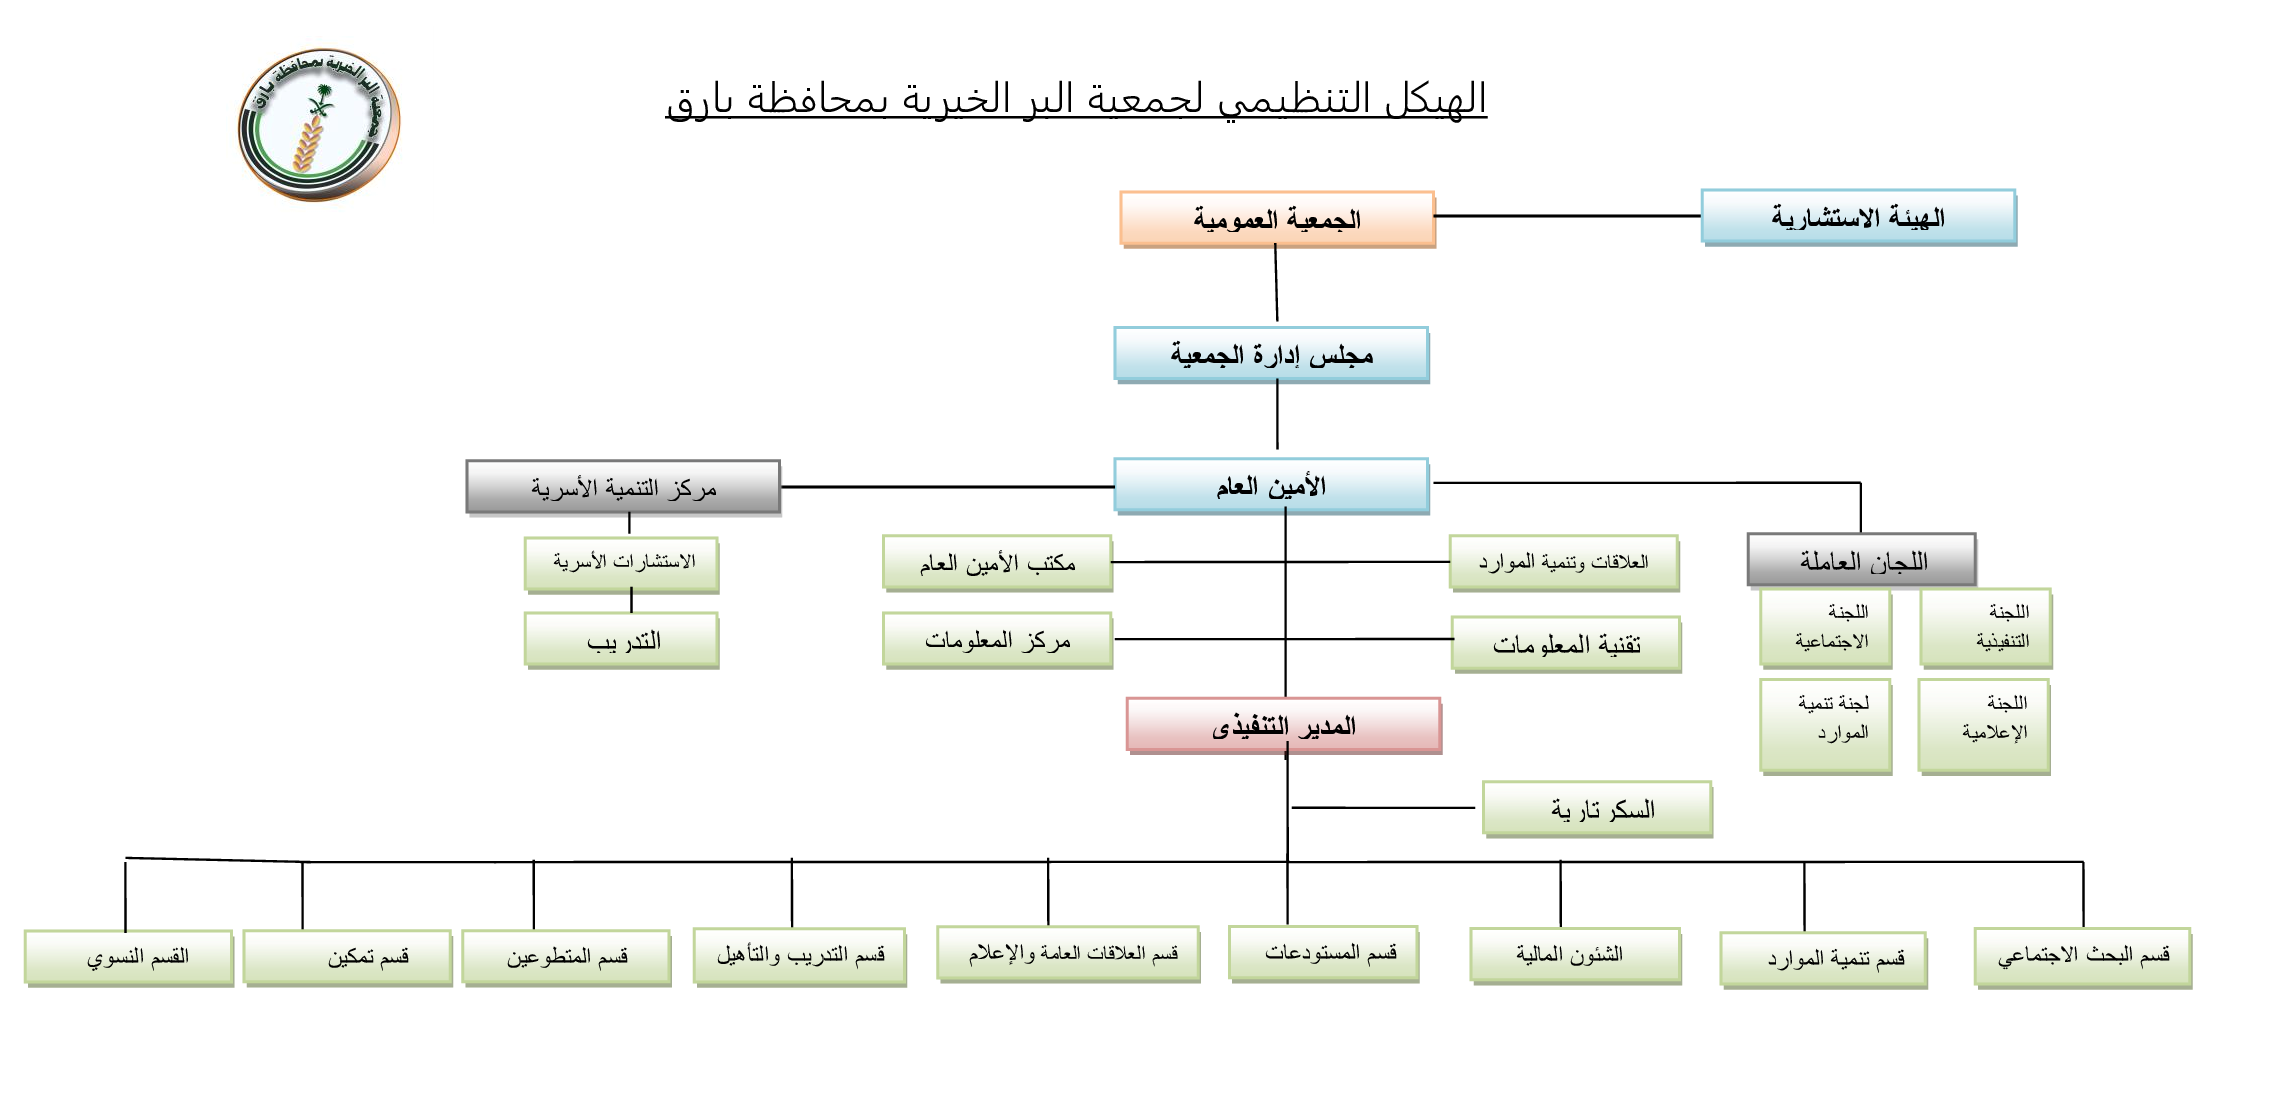 الهيكل-التنظيمي-لجمعية-البر-الخيرية-بمحافظة-بارق